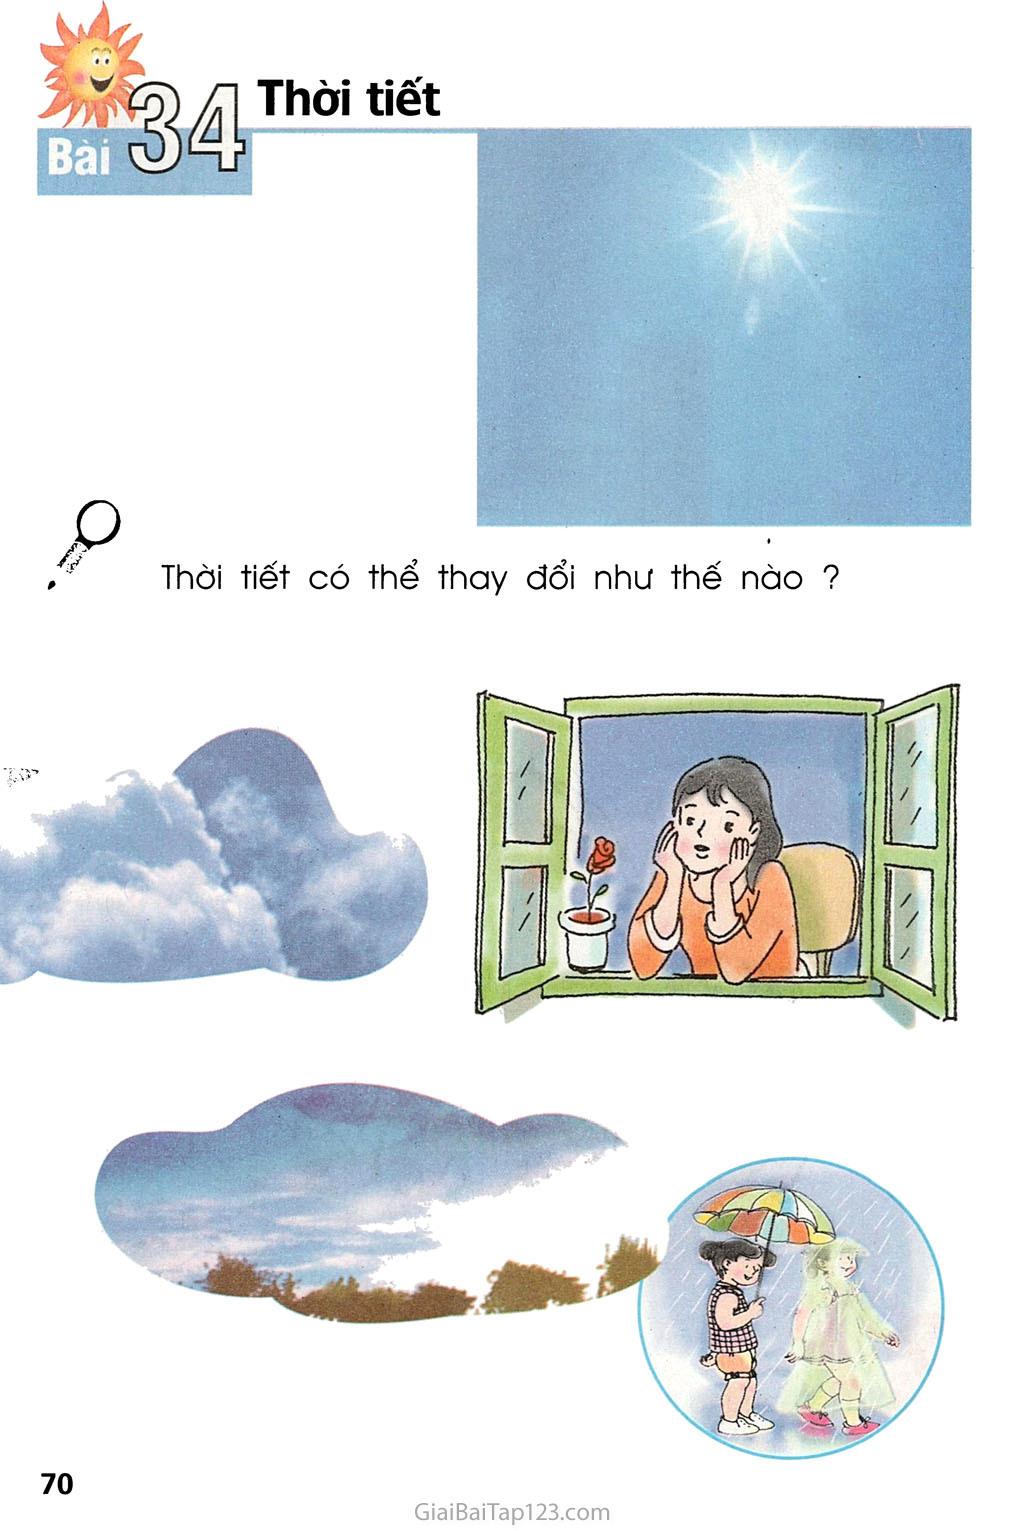 Bài 34. Thời tiết trang 1